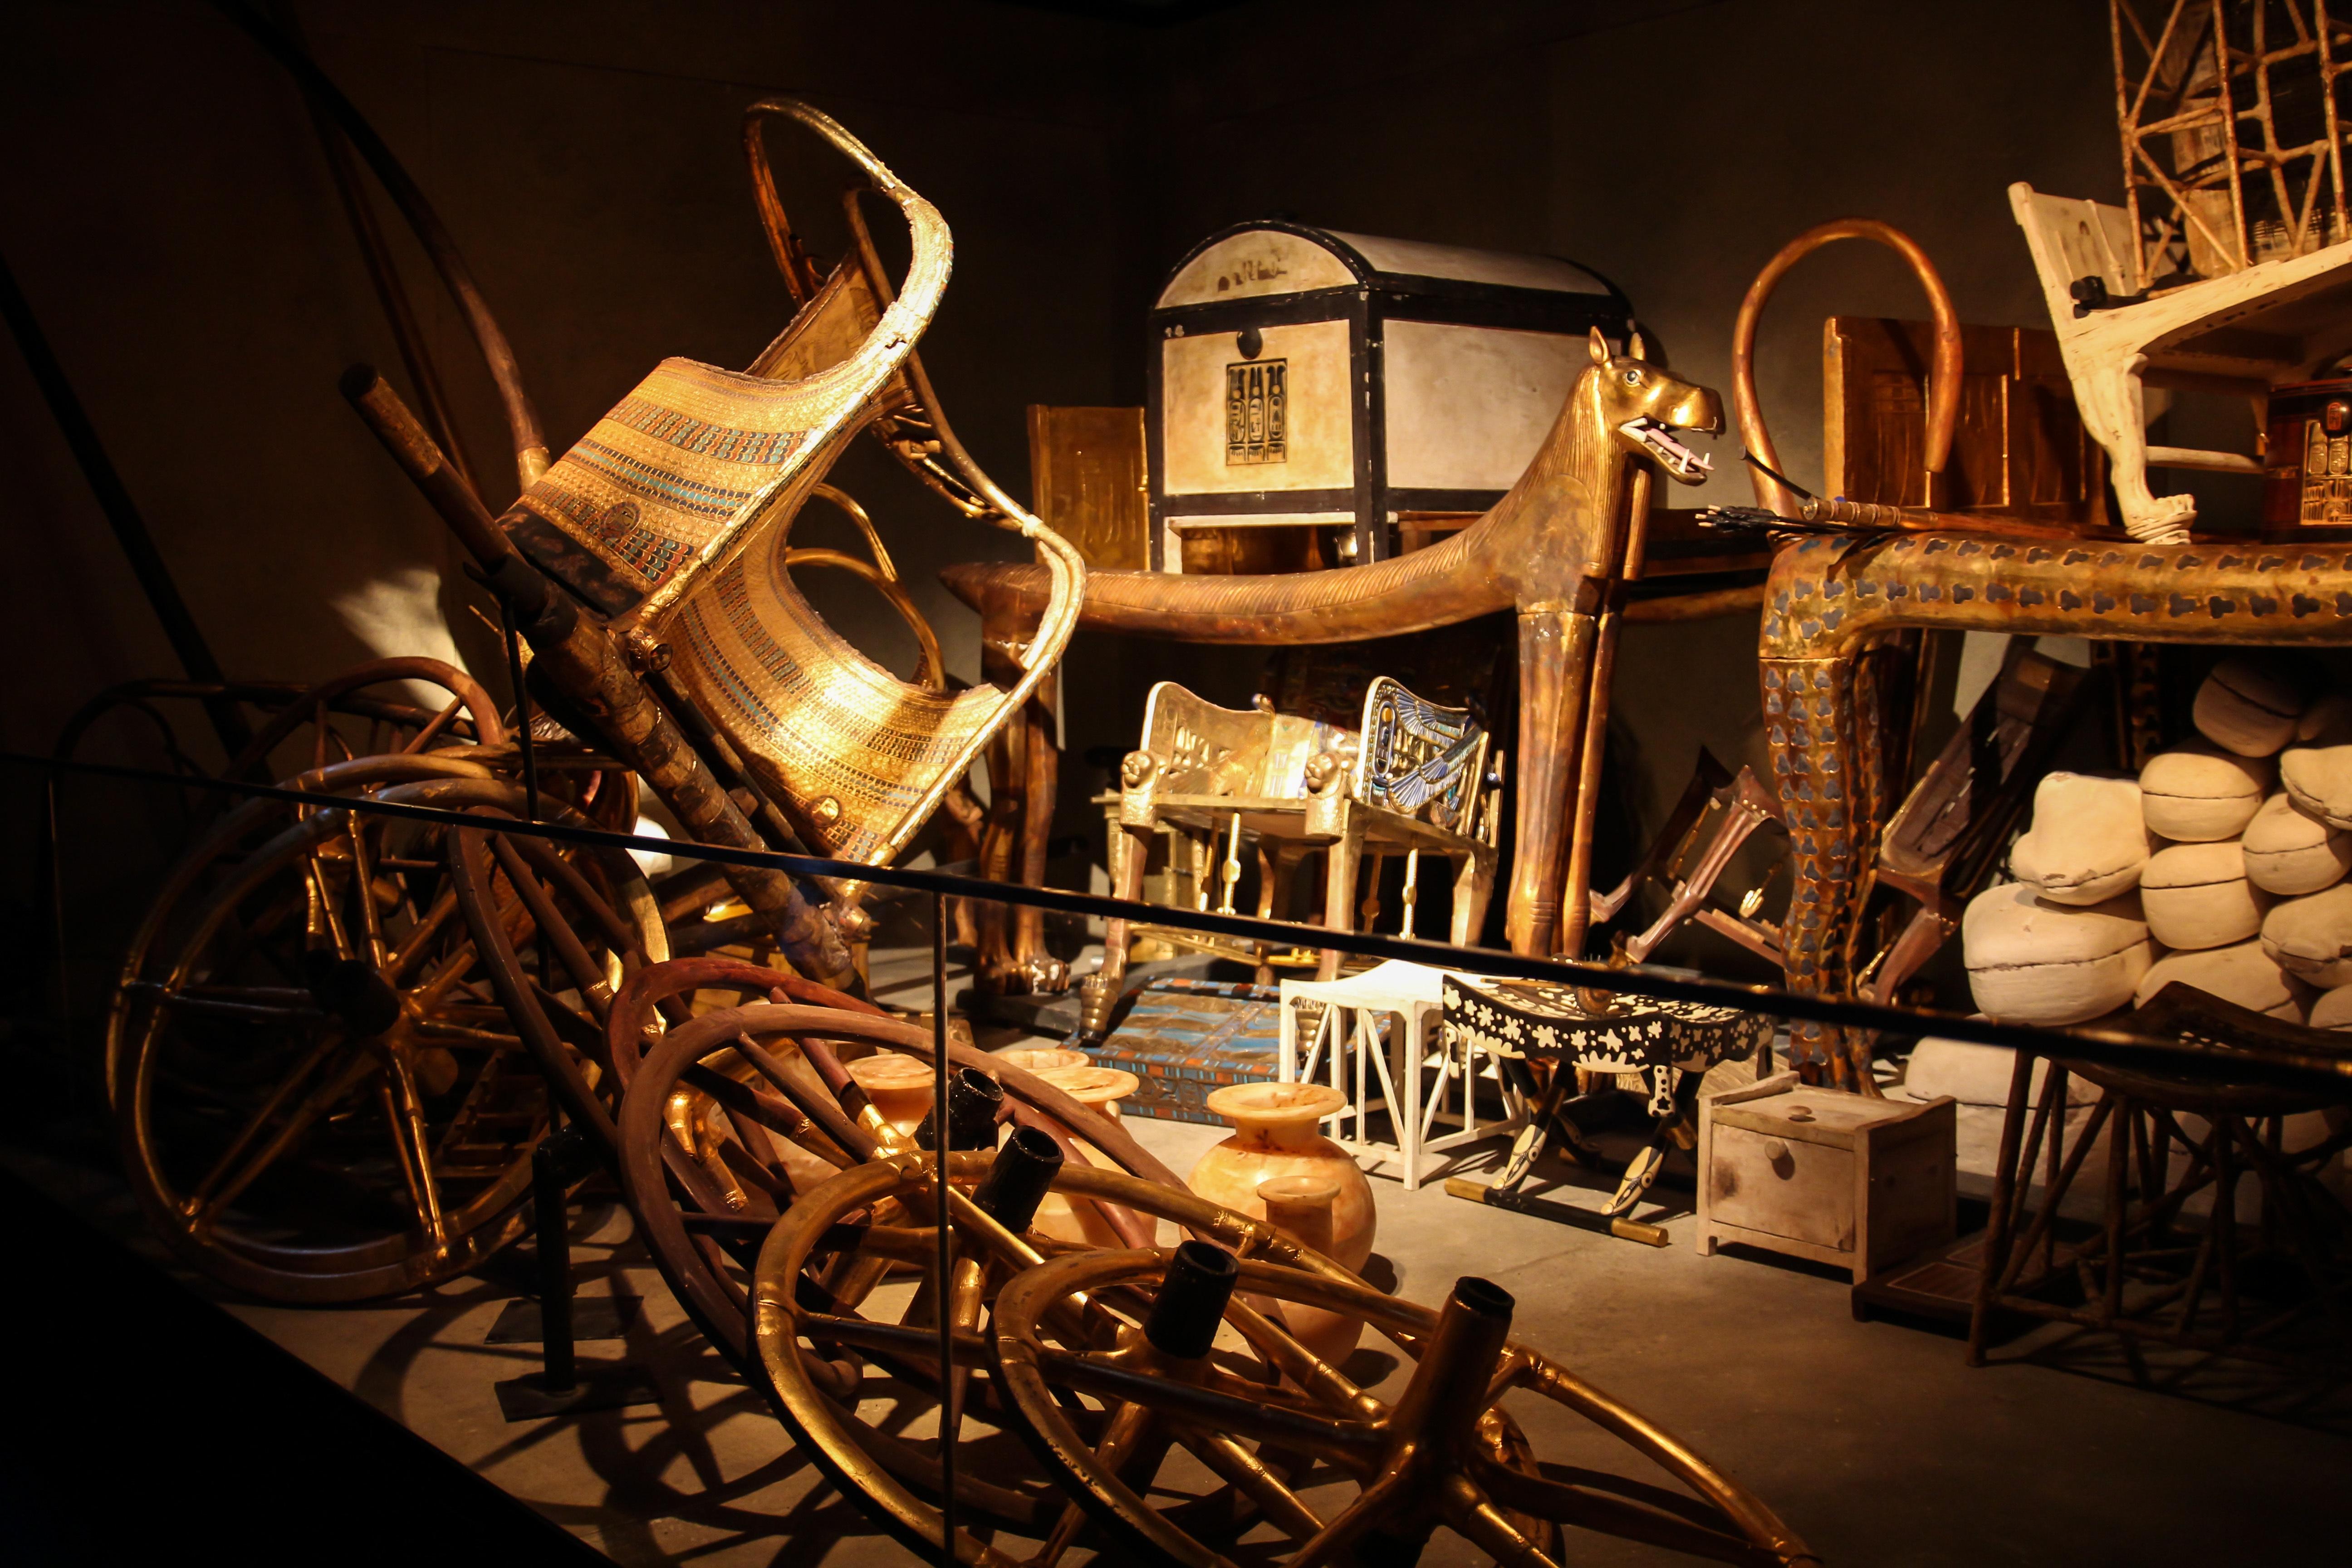 Ancient Burial Chamber, Ancient, Burial, Chamber, Egypt, HQ Photo